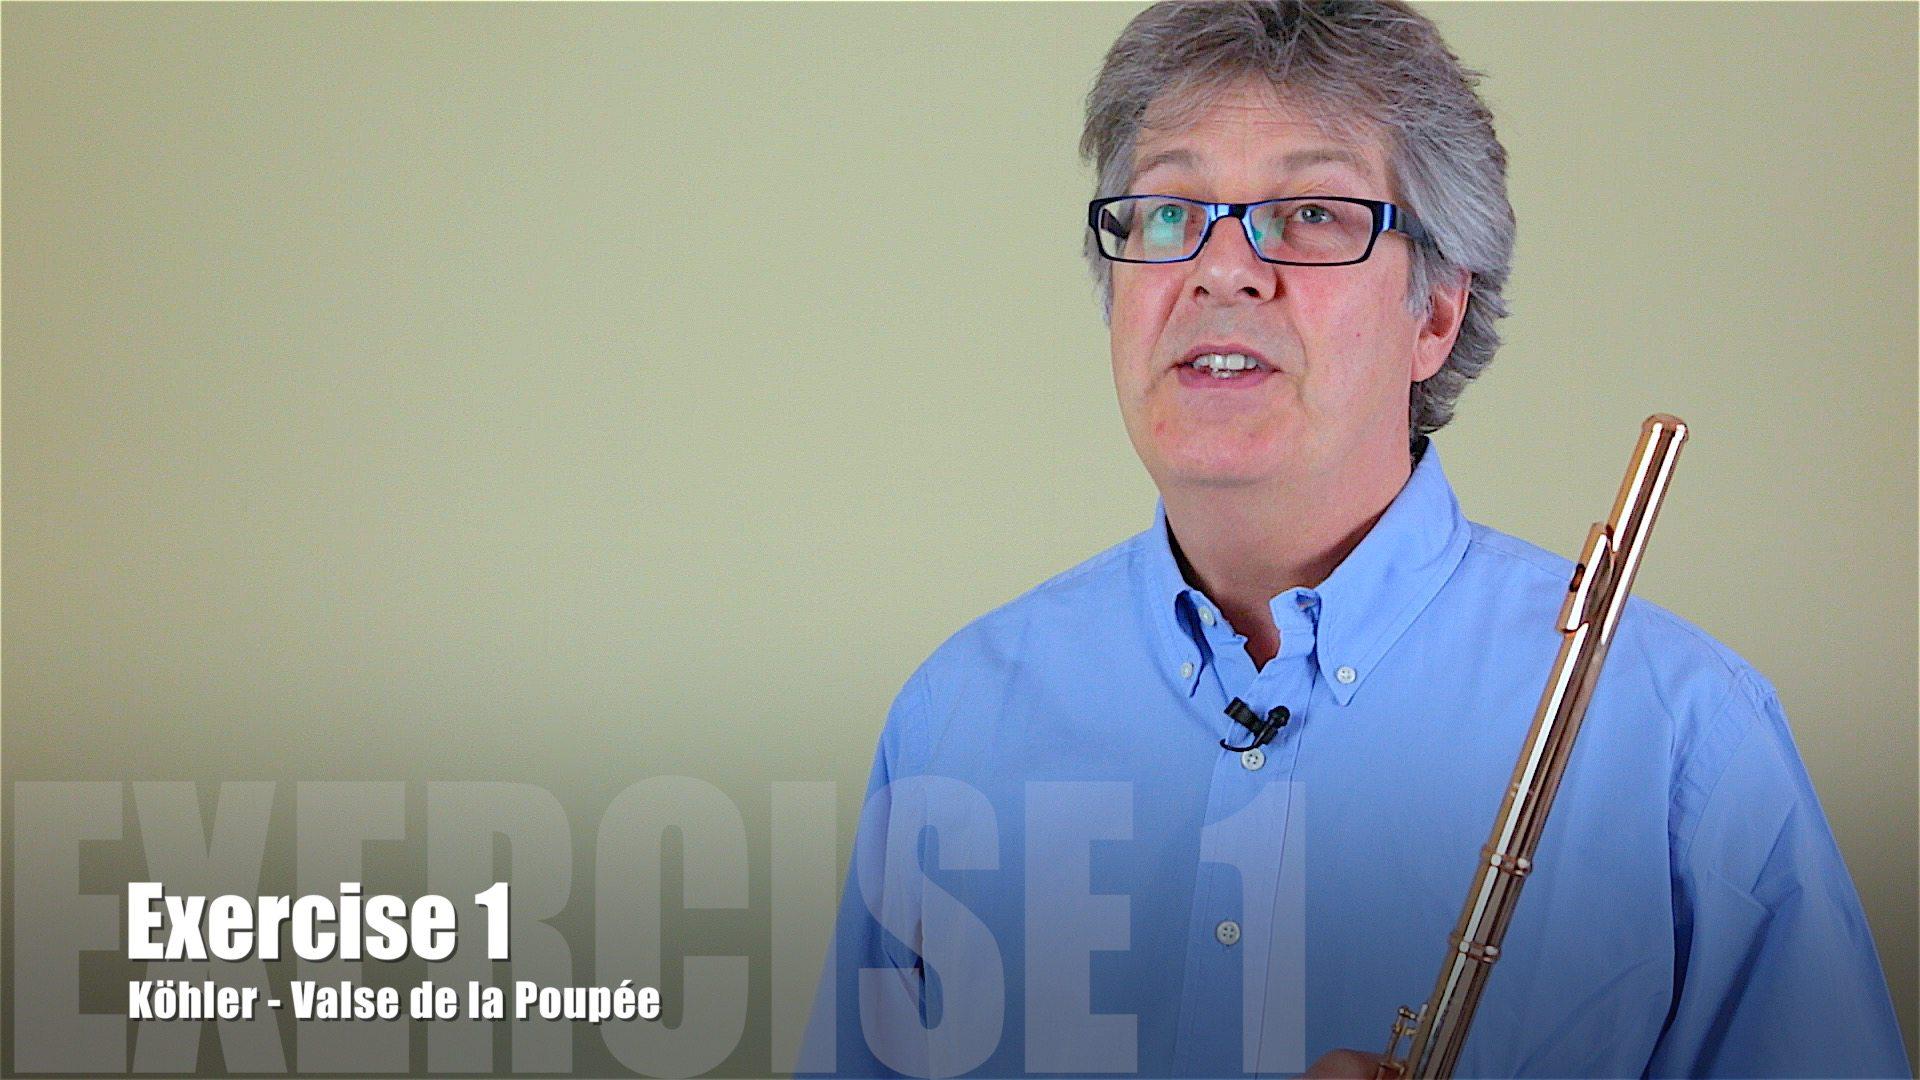 Köhler - Valse de la Poupée - Exercise 1